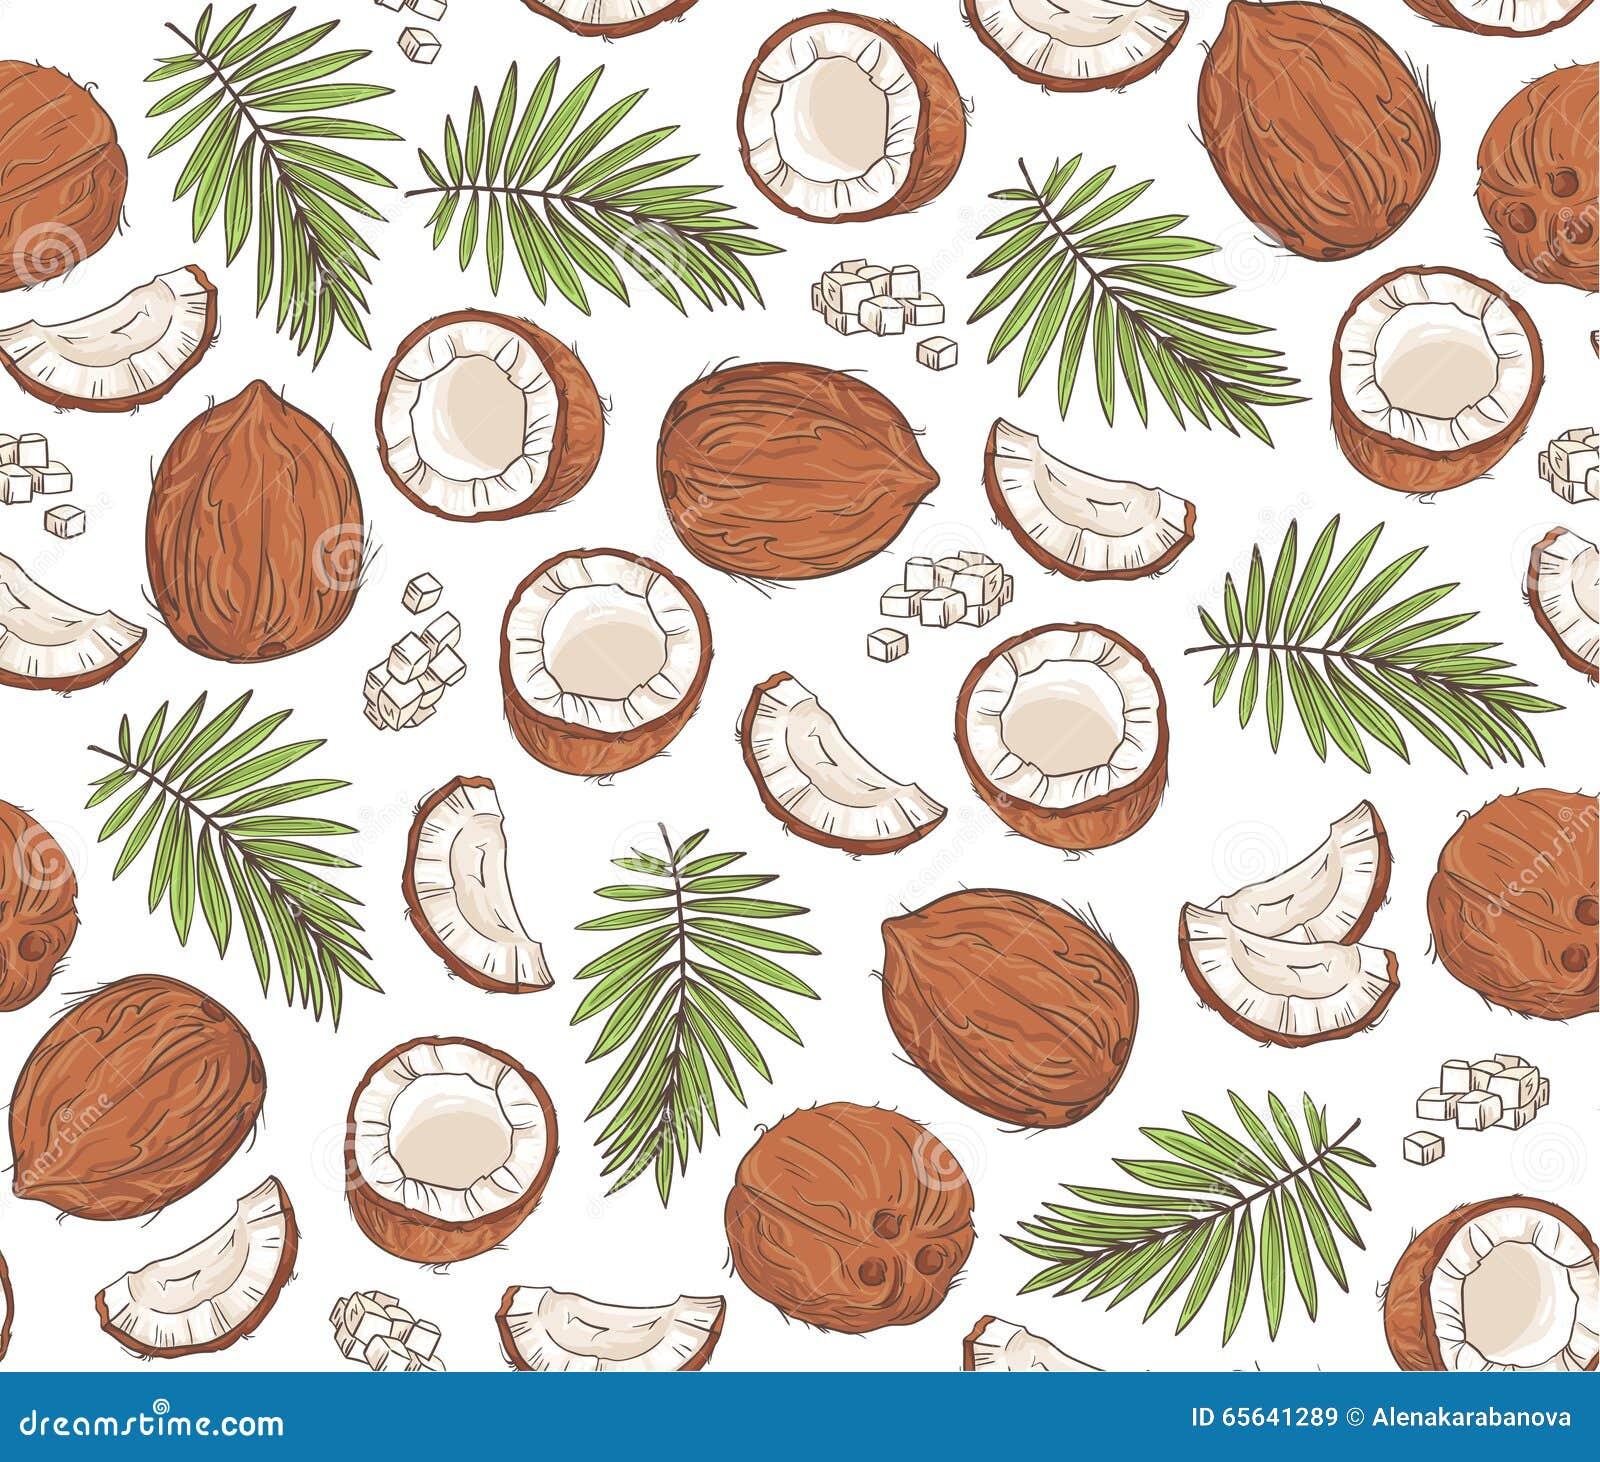 Dirigez le modèle sans couture avec des noix de coco et des feuilles tropicales